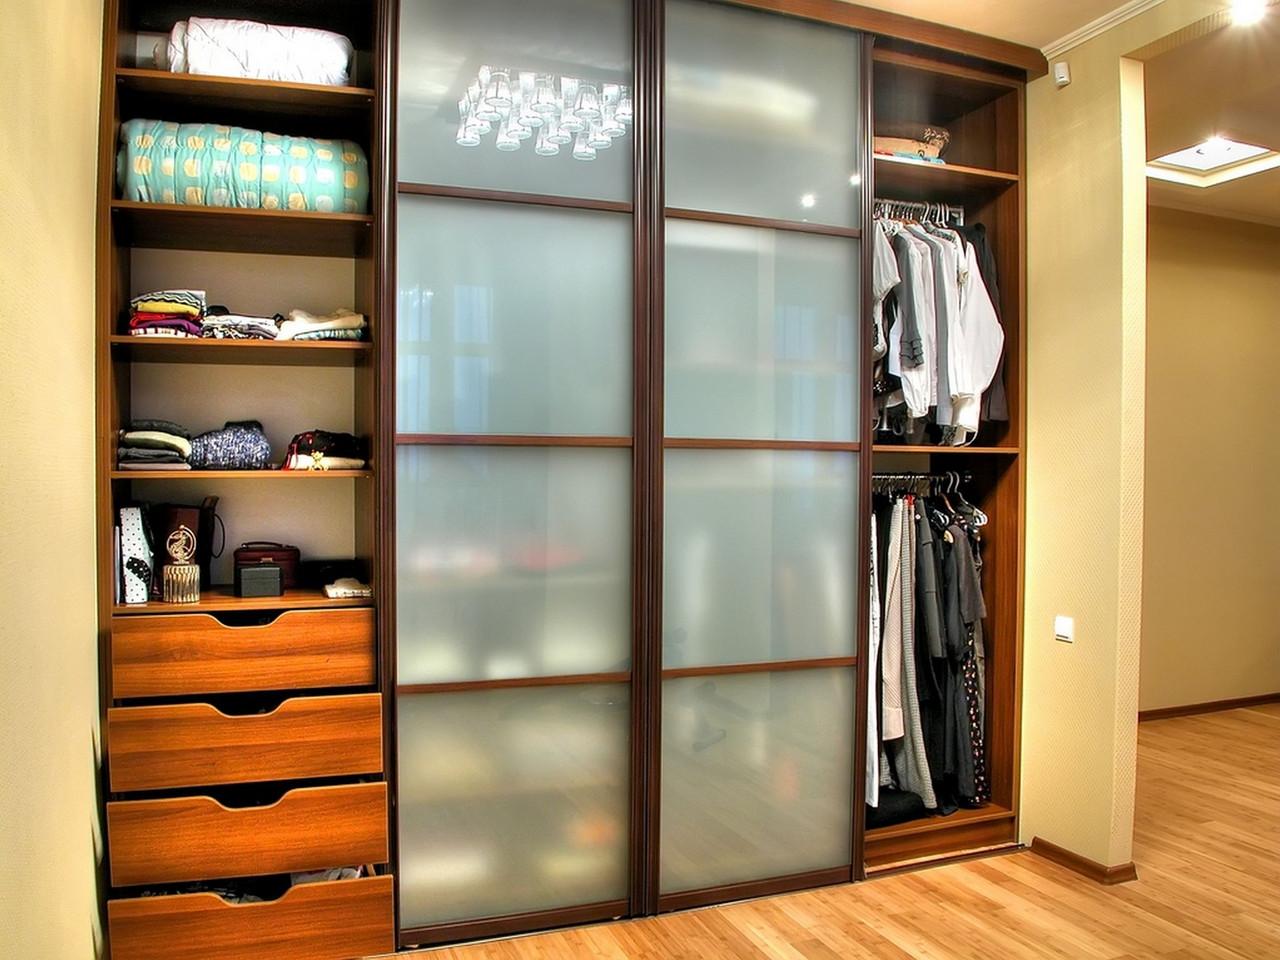 Встроенный шкаф в прихожую: описание шкафа-купе для одежды.